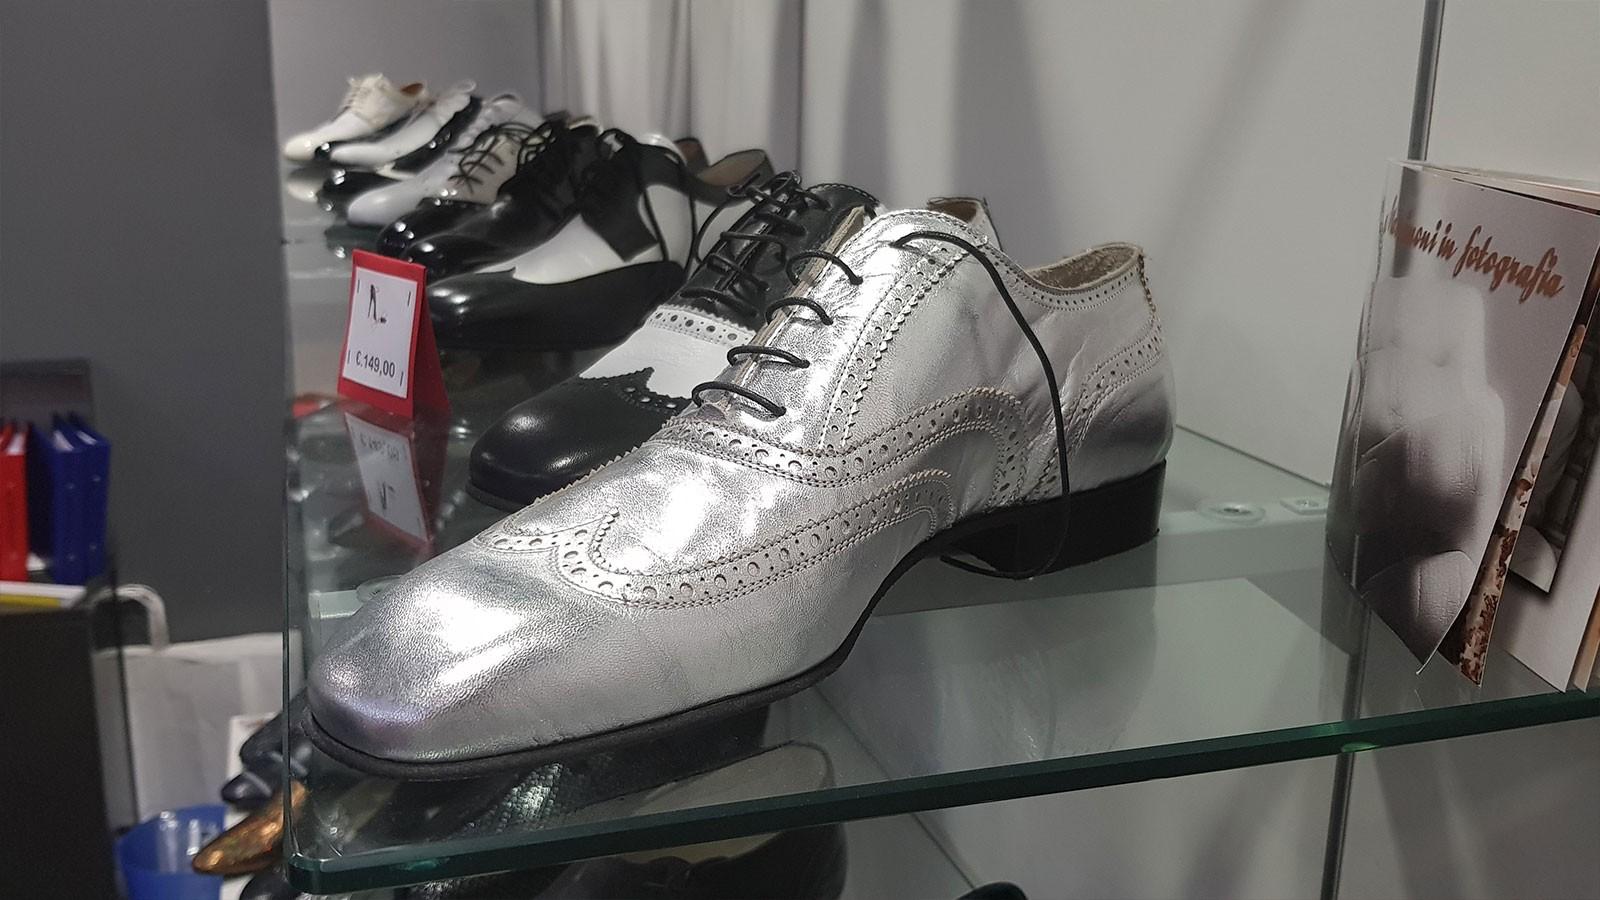 Angels scarpe da ballo Montichiari57